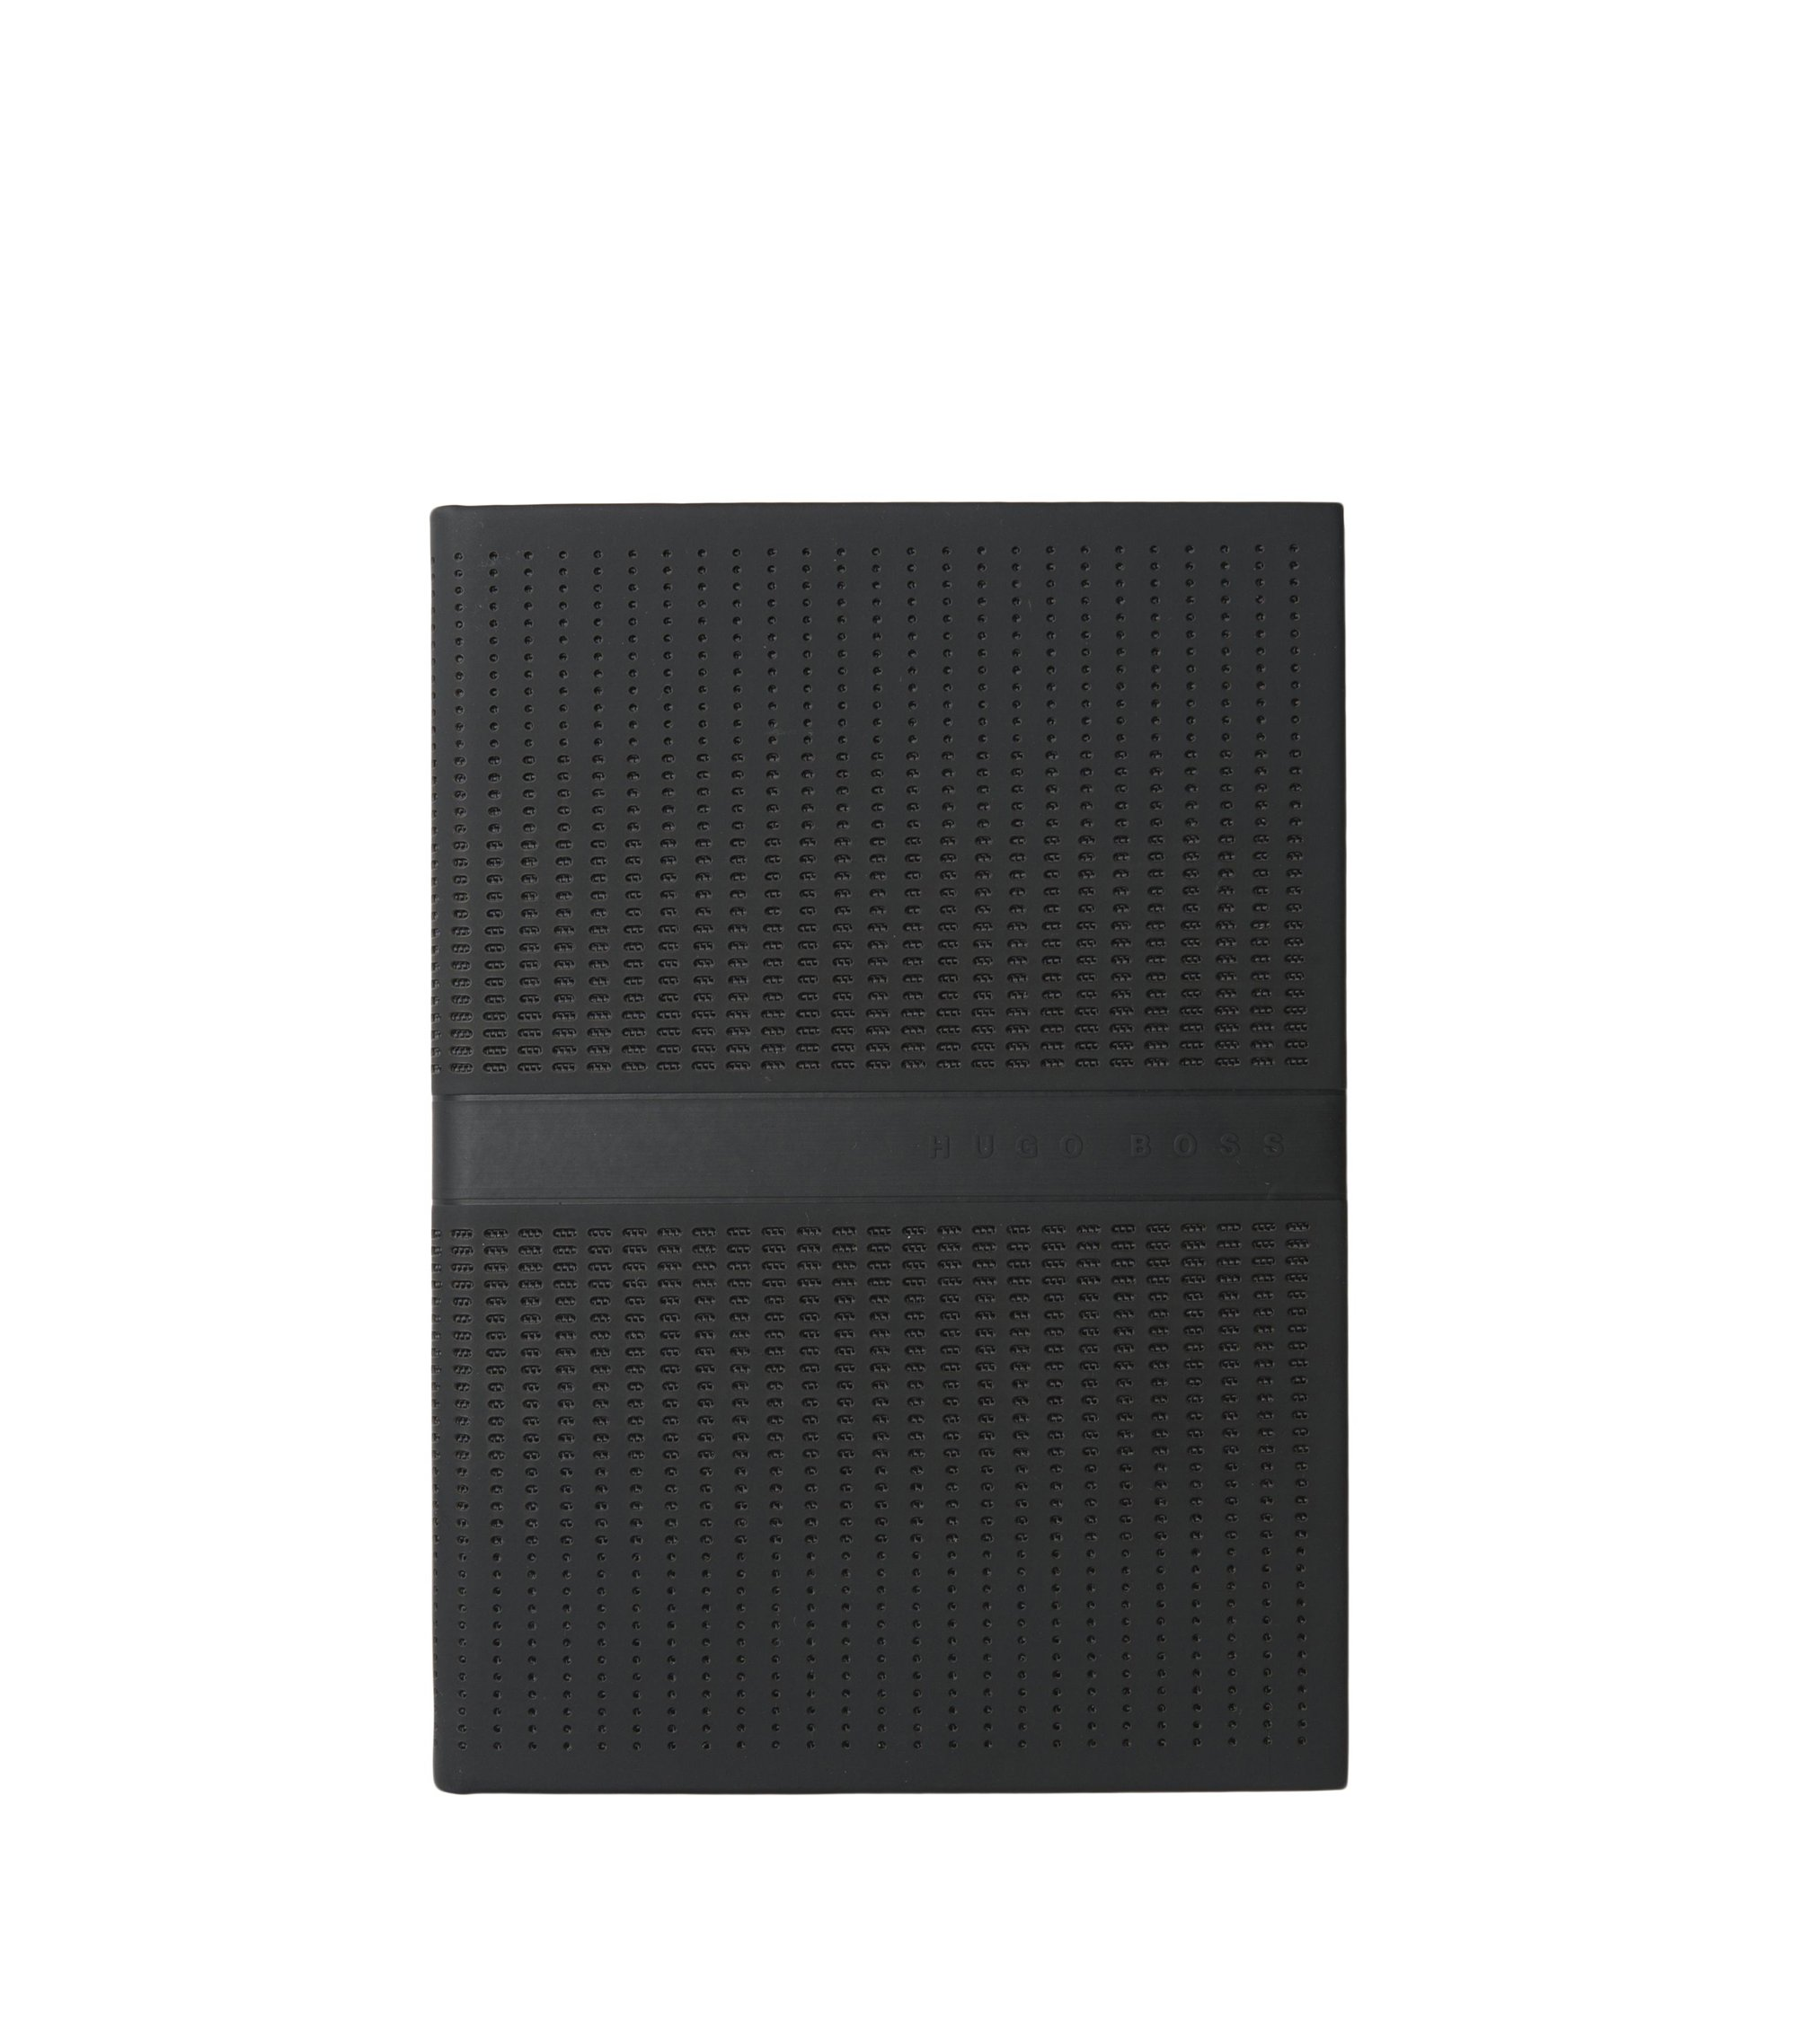 DIN A6 Notizbuch mit Click-Verschluss: 'New Loop', Schwarz